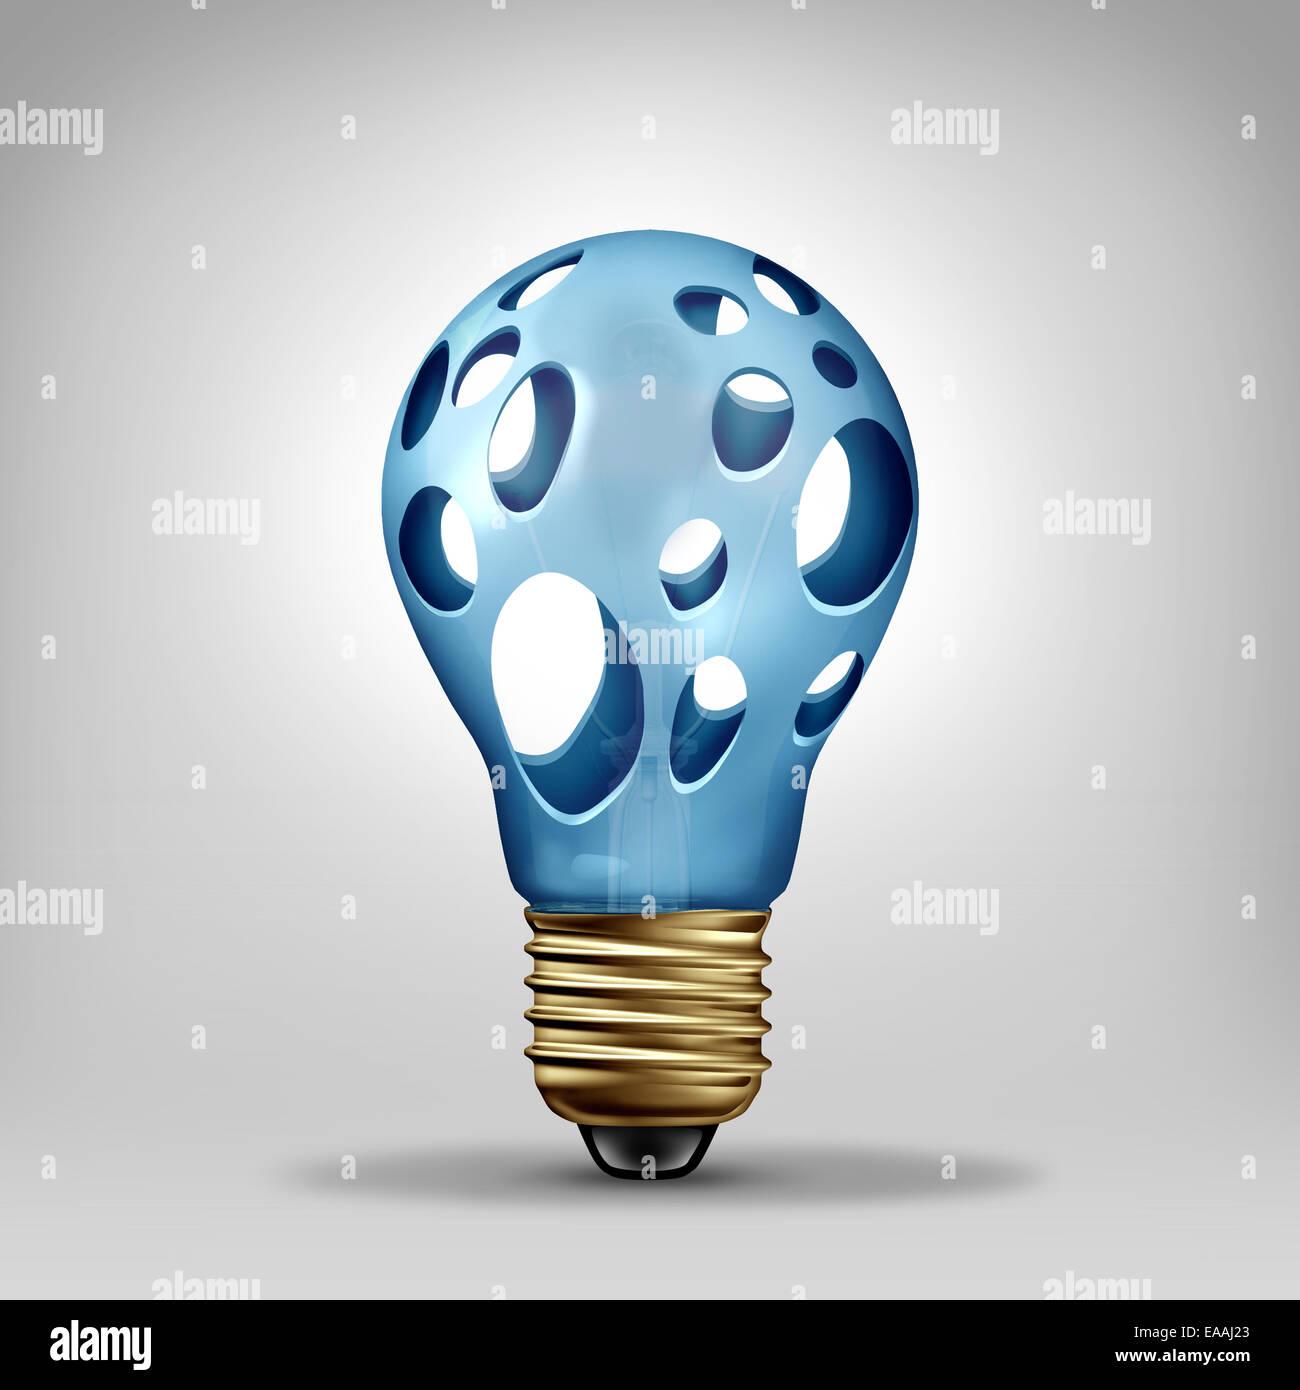 Idee Problem Konzept und Kreativität Krise Symbol als eine Glühbirne mit leeren Löcher als Symbol Stockbild